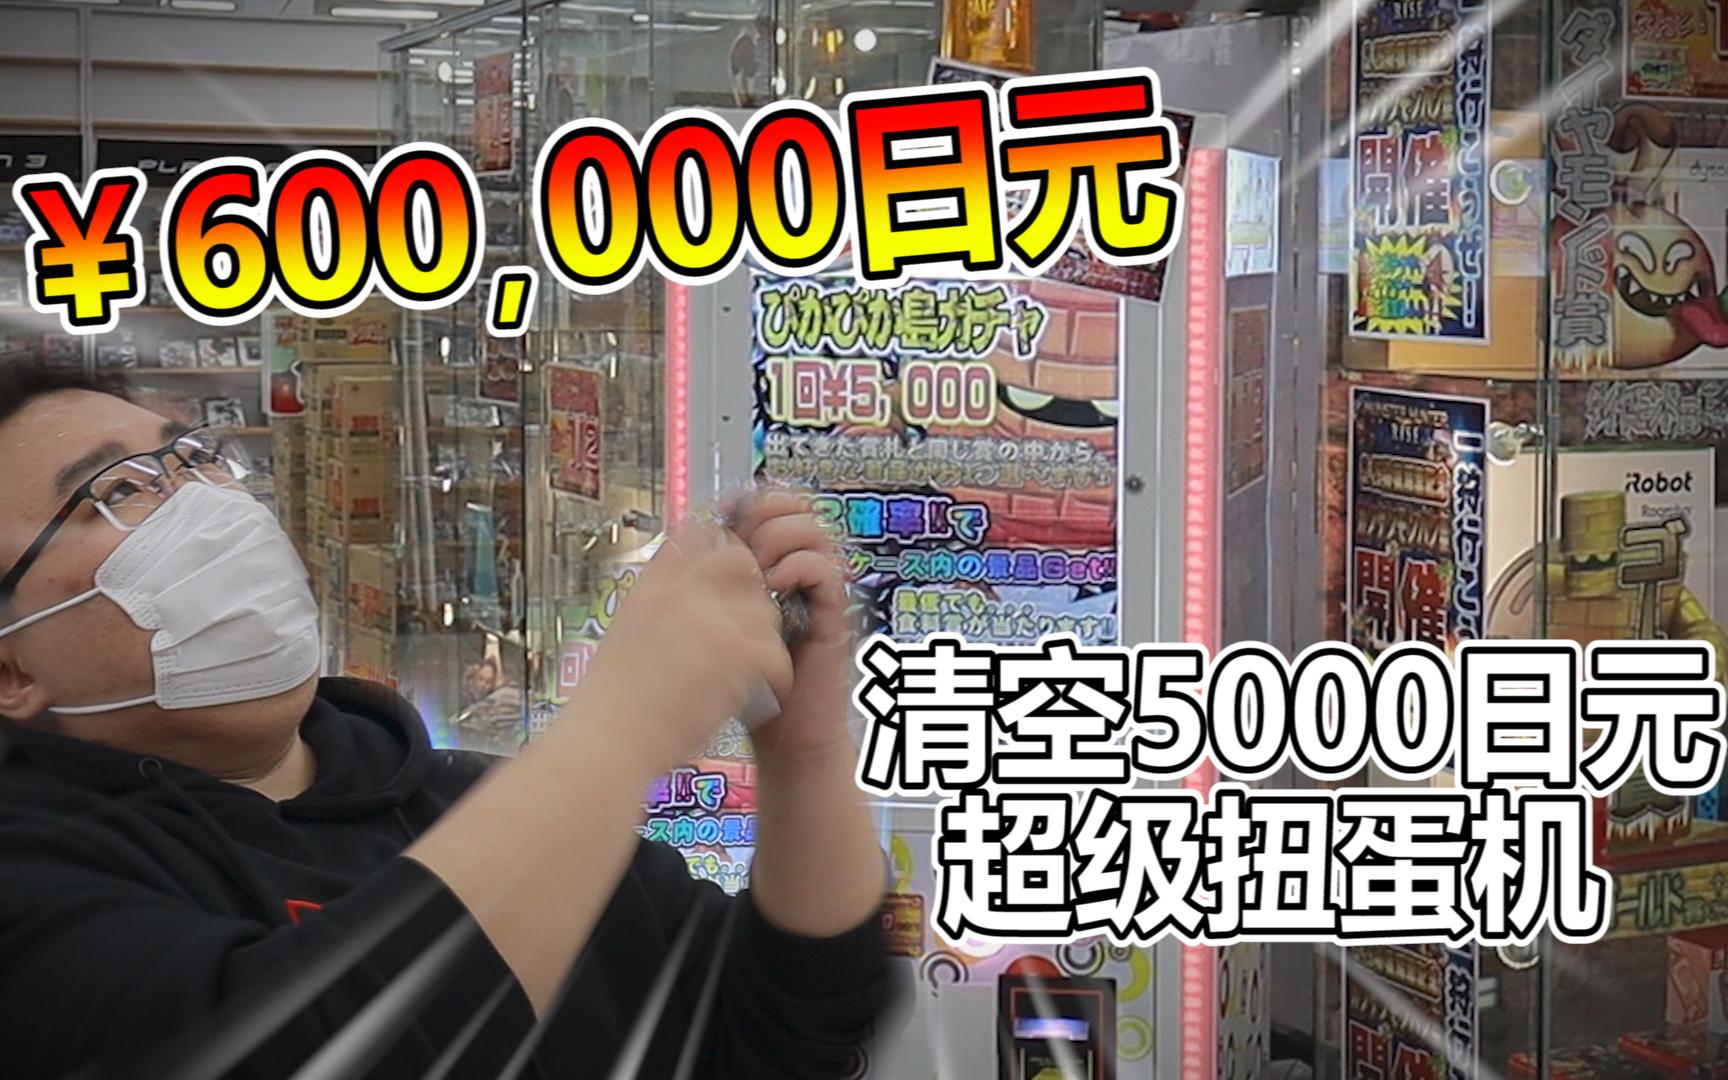 胖小伙怒花60W日元只为验证5000日元超级扭蛋机有无大奖!